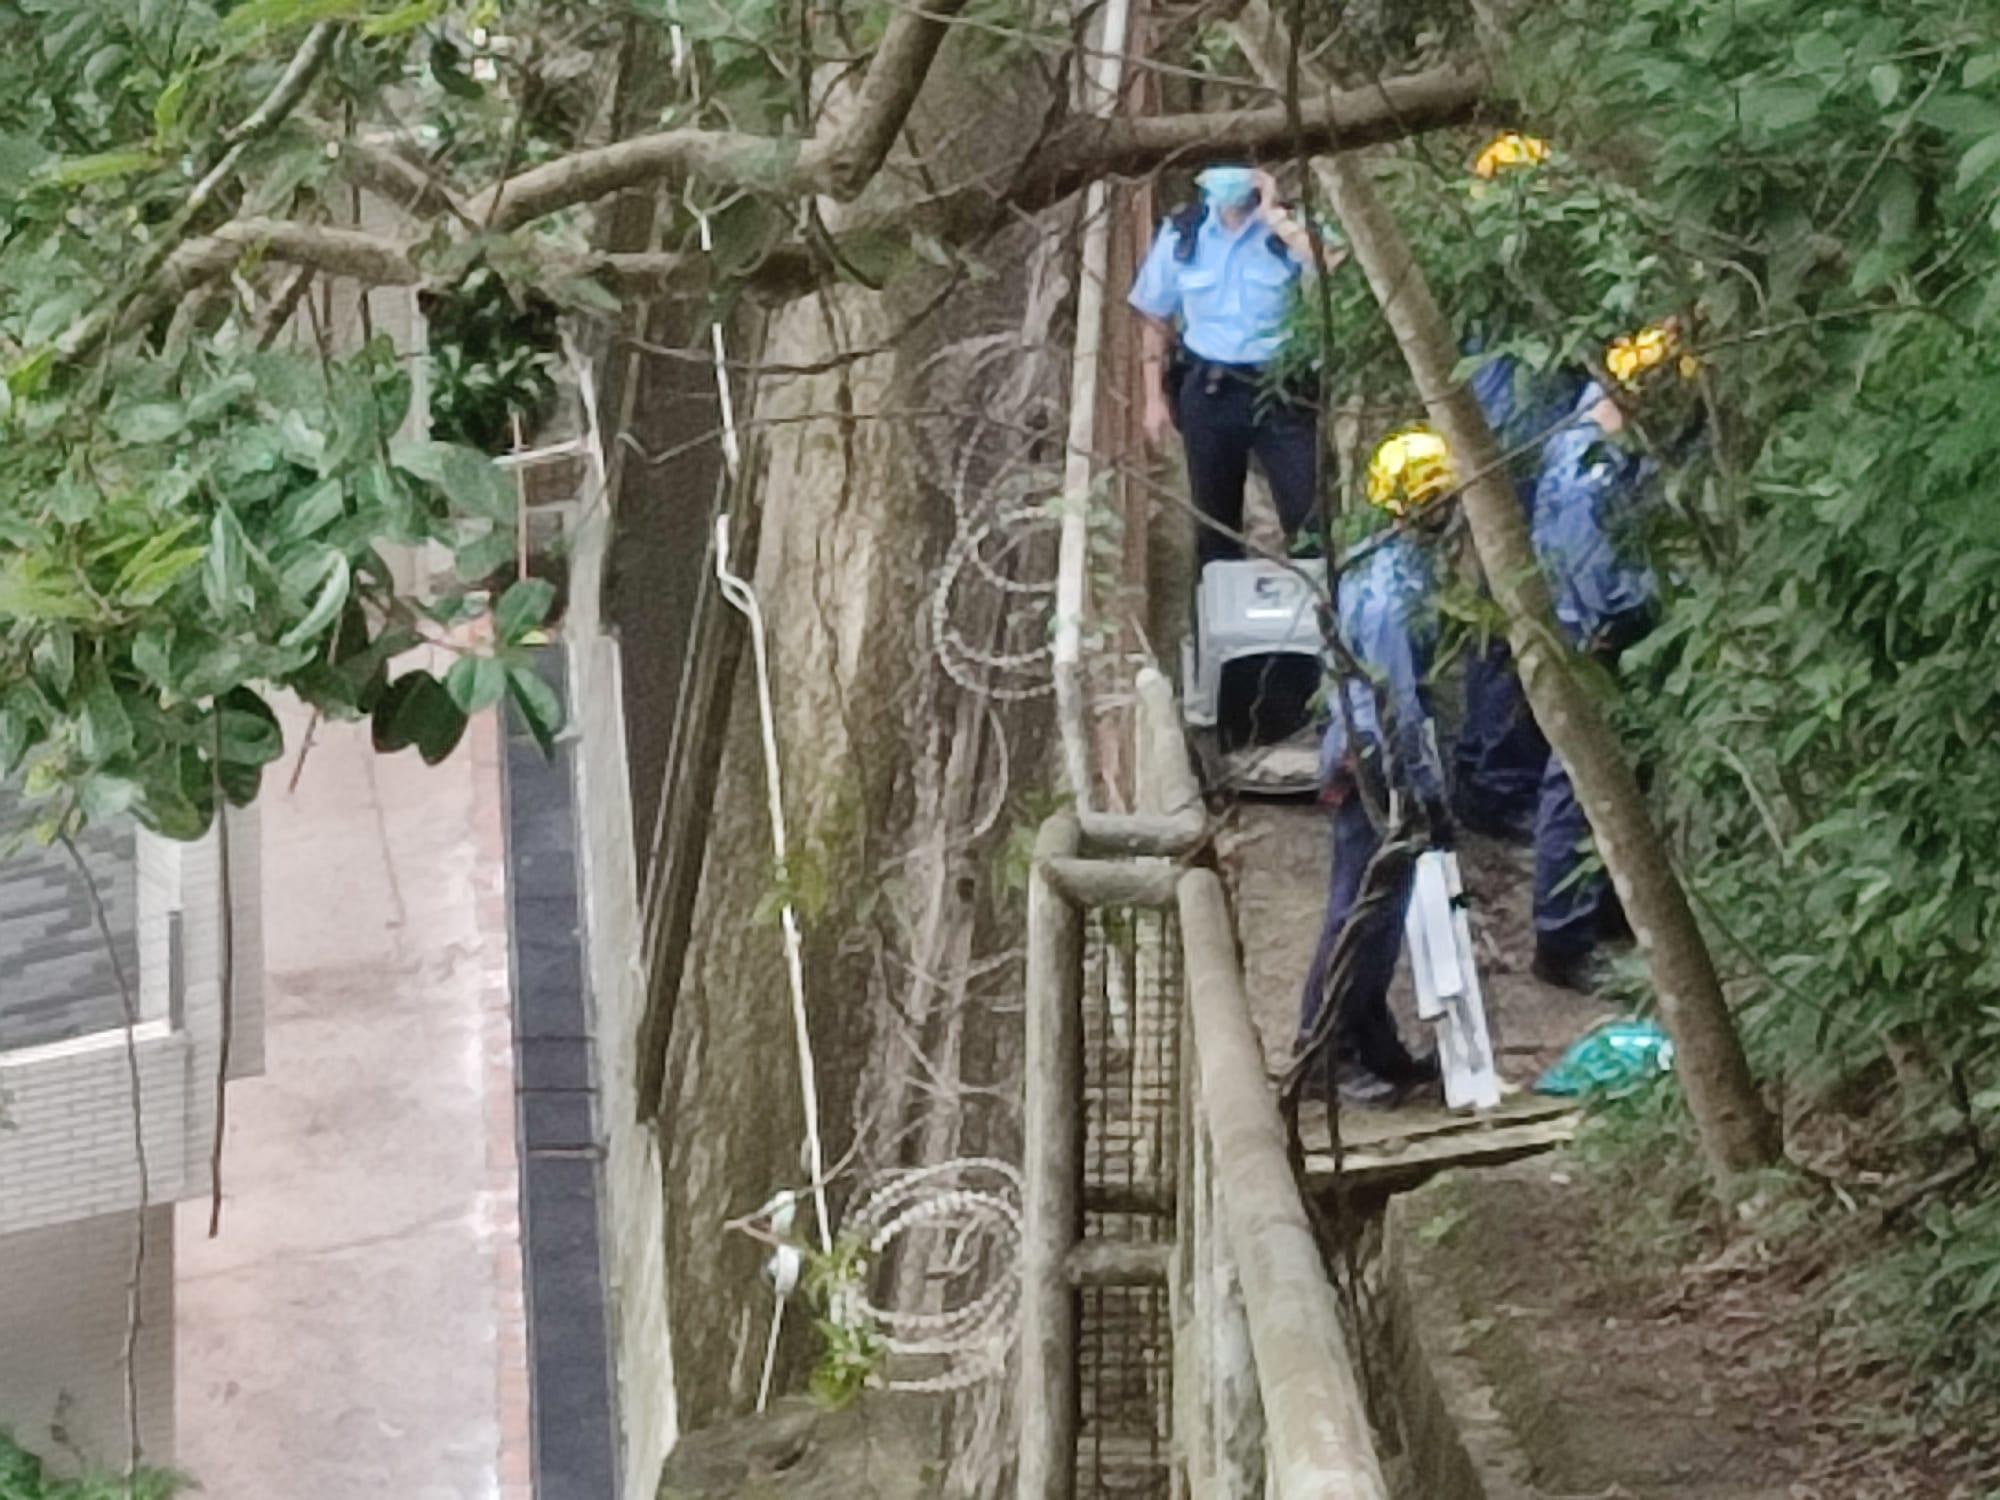 圖集 | 4隻小豬疑打鬥失足掉井 消防員逐一救出